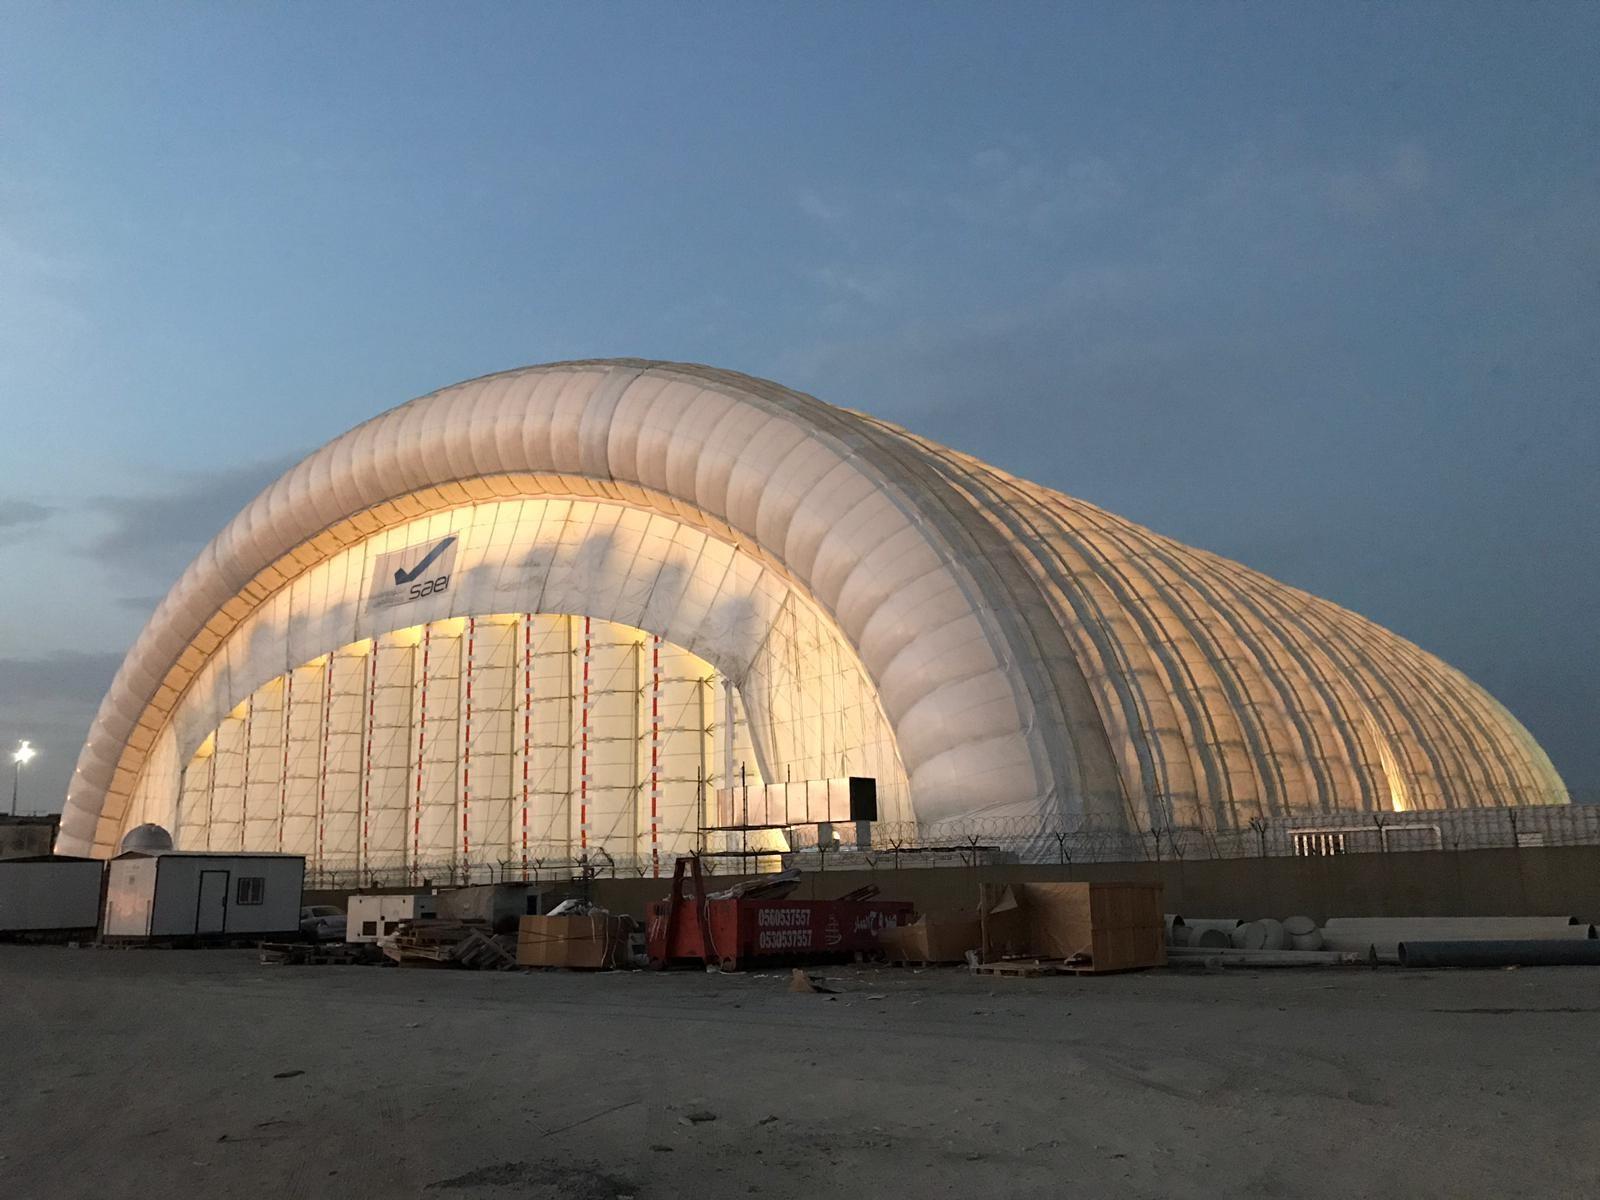 SIDE colabora en la creación de la estructura inflable más grande del mundo